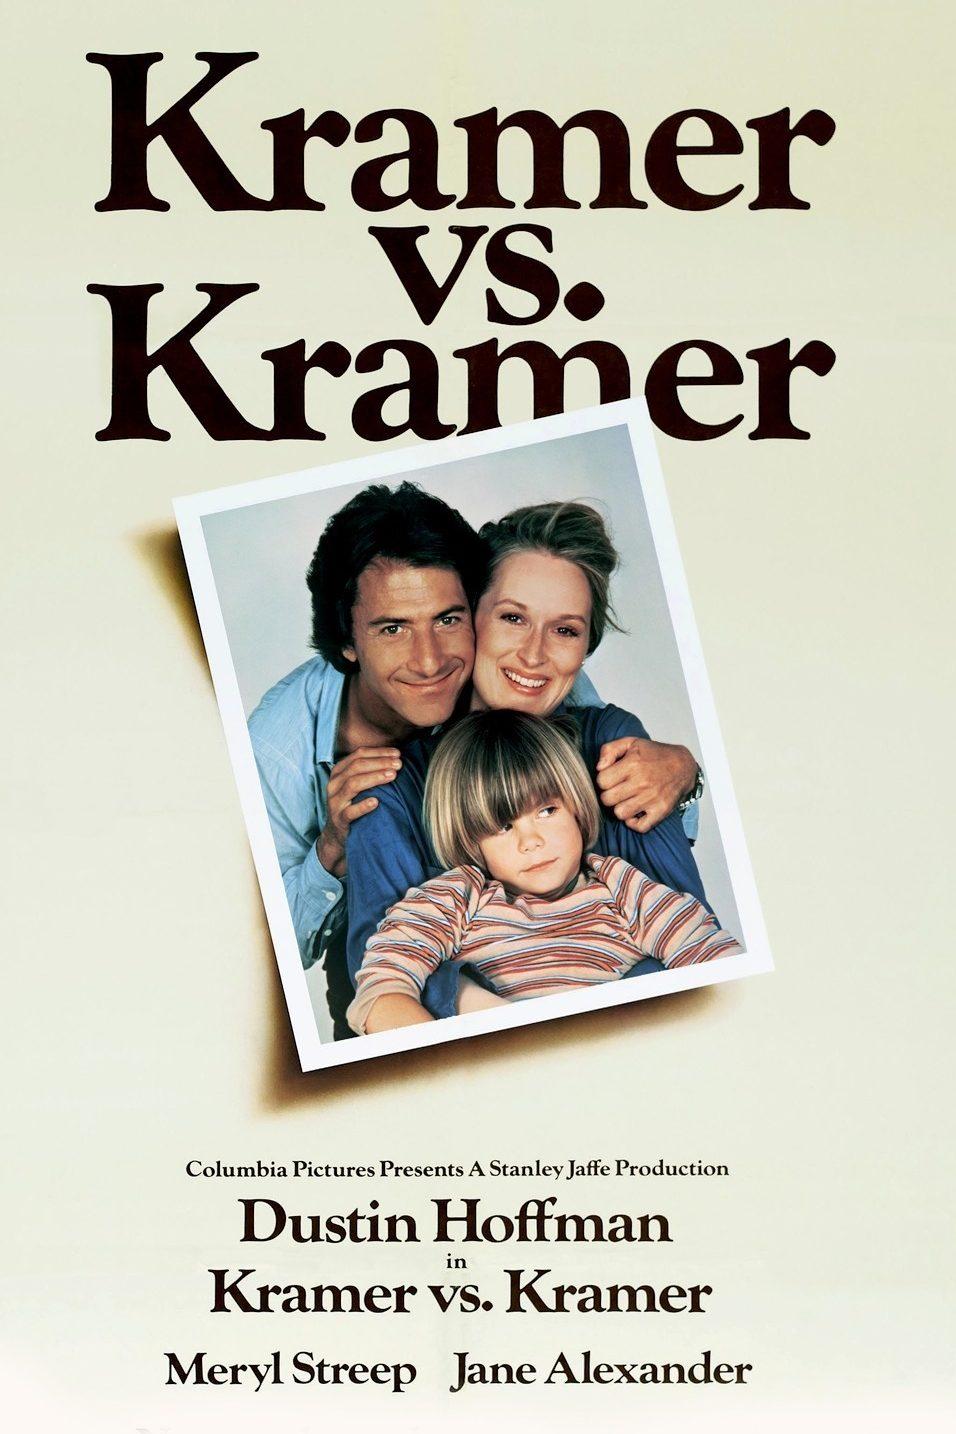 Kramer vs. Kramer Poster (1979)